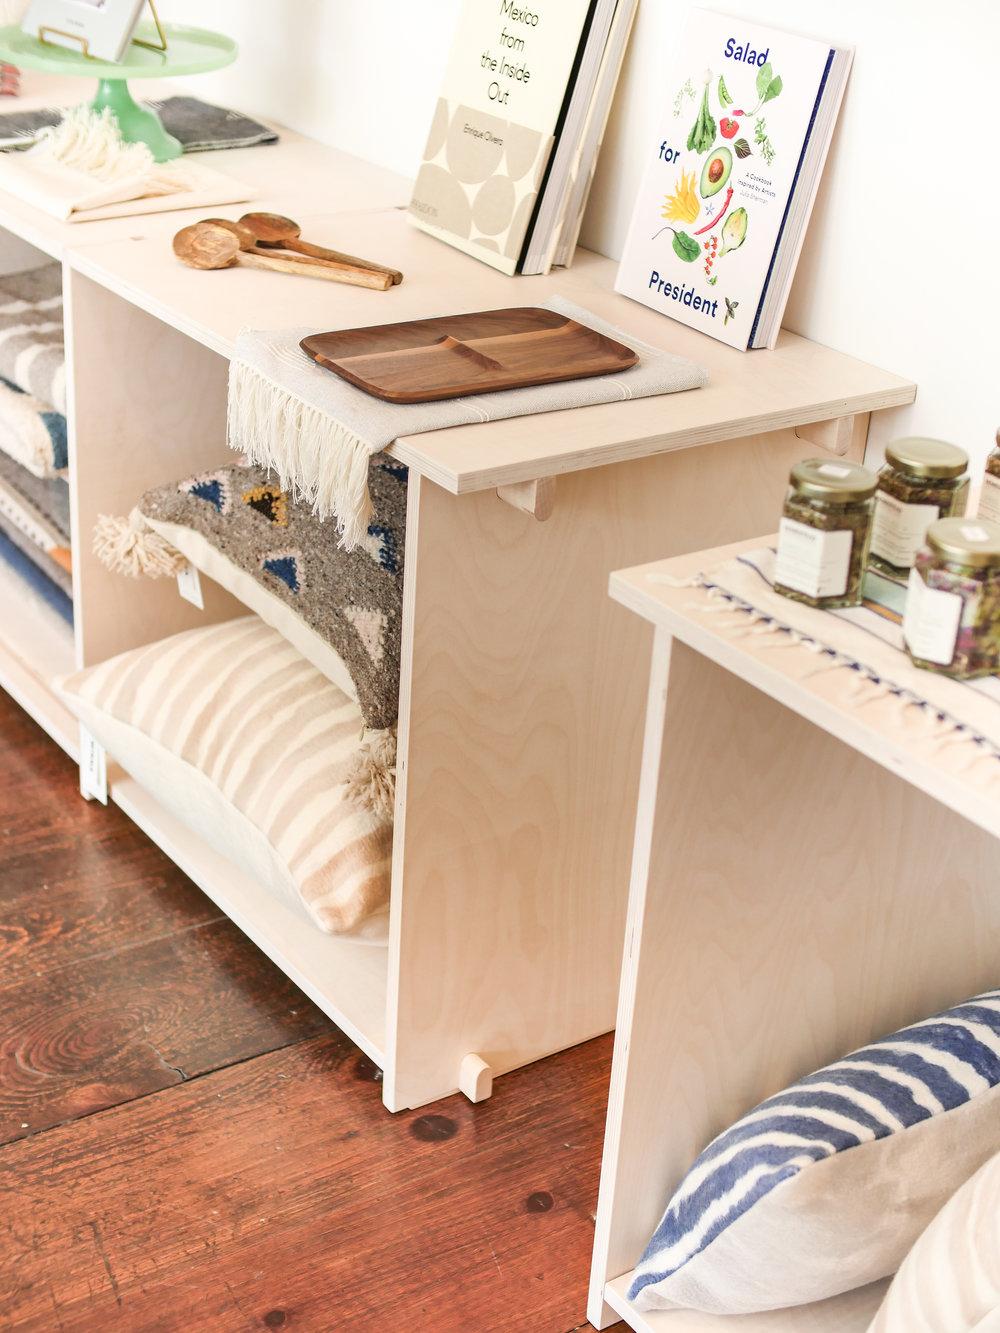 textile shop-4.jpg